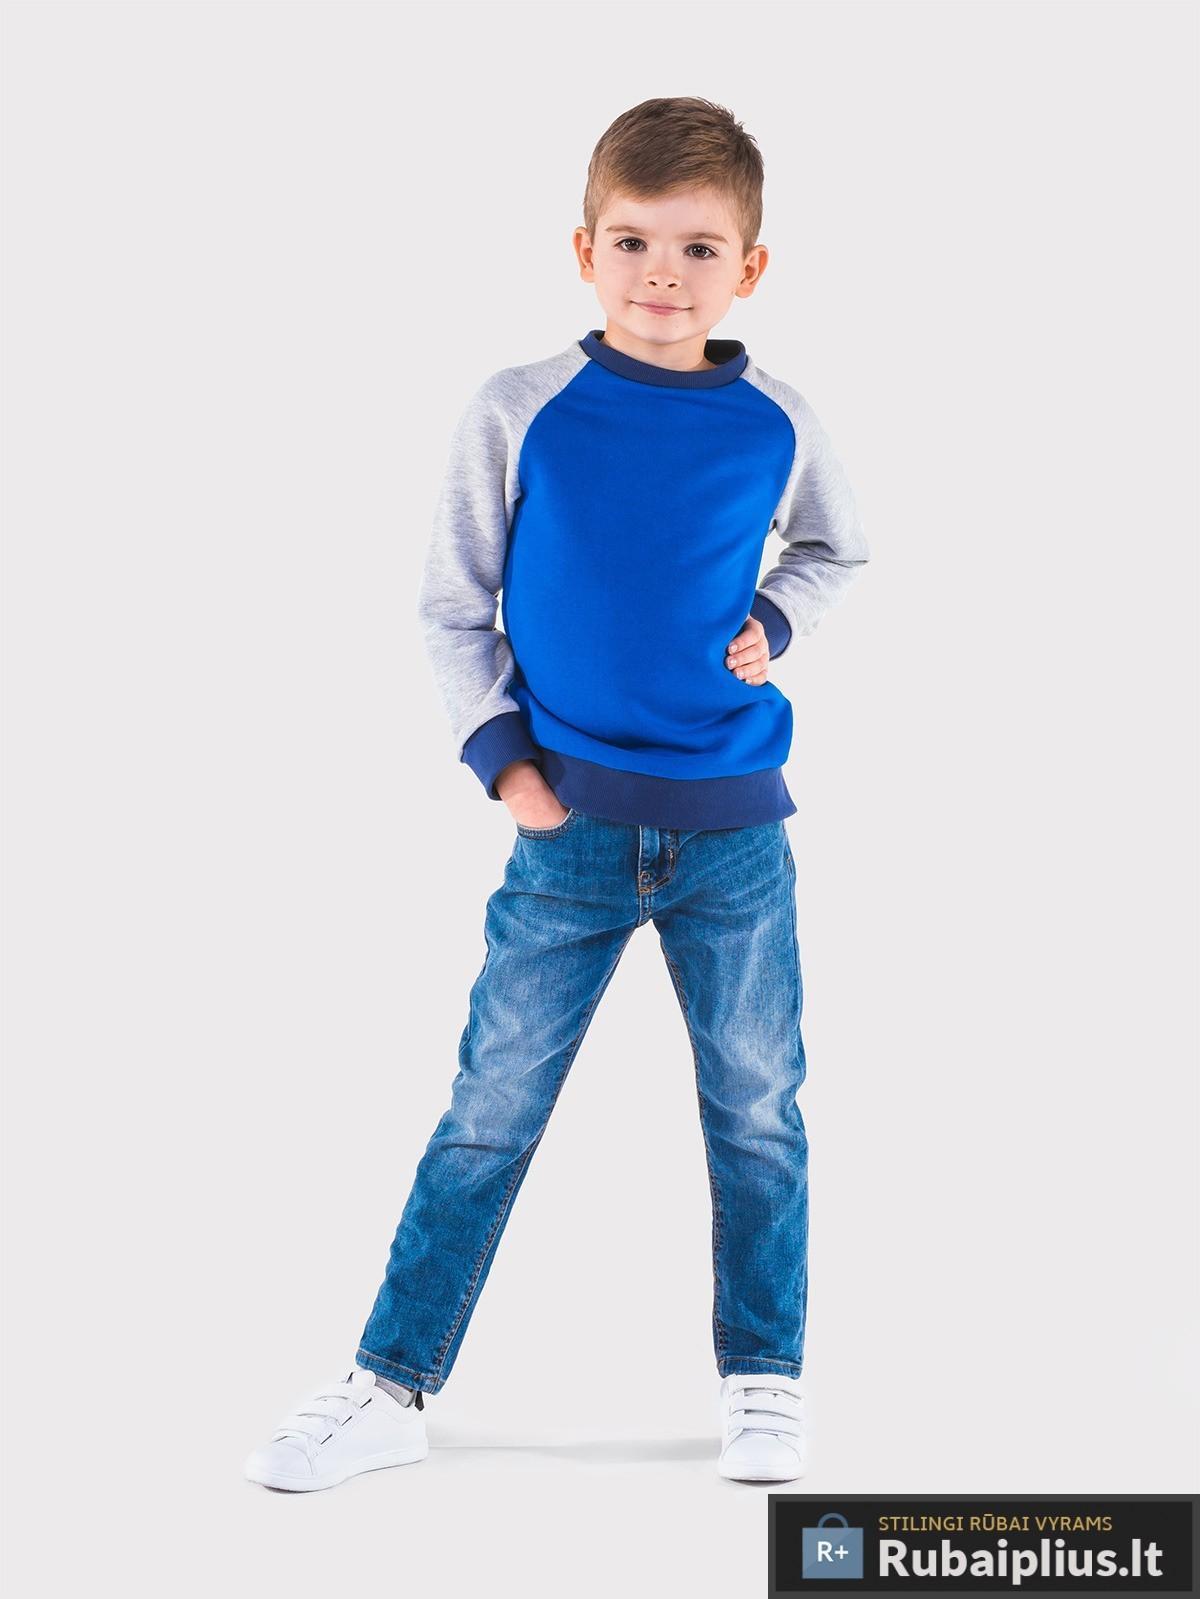 mėlynas bliuzonas vaikams, mėlynos spalvos vaikiškas bliuzonas internetu, bliuzonas vaikams su gobtuvu, patogus vaikiškas džemperis, bliuzonas užsegamas užtrauktuku su kišenėmis, bliuzonas laisvalaikiui, džemperis užsegamas užtrauktuku, originalūs vaikiški džemperiai, vaikiškas bliuzonas internete, bliuzonas vaikams su gobtuvu, stilingas vaikiškas bliuzonas su kapišonu, elegantiskas bliuzonas vaikams, vaikiškas megztinis internetu, kokybiškas bliuzonas vaikams, madingi vaikiški džemperiai, vaikiškas bliuzonai sportui, bliuzonas vaikams krepšiniui, vaikiškas bliuzonas futbolui, vaikiški džemperiai bliuzonai už protigna kaina, akcija, nuolaidos, bluzonas vaikams internete, mėlynos spalvos vaikiškas bluzonas internetu